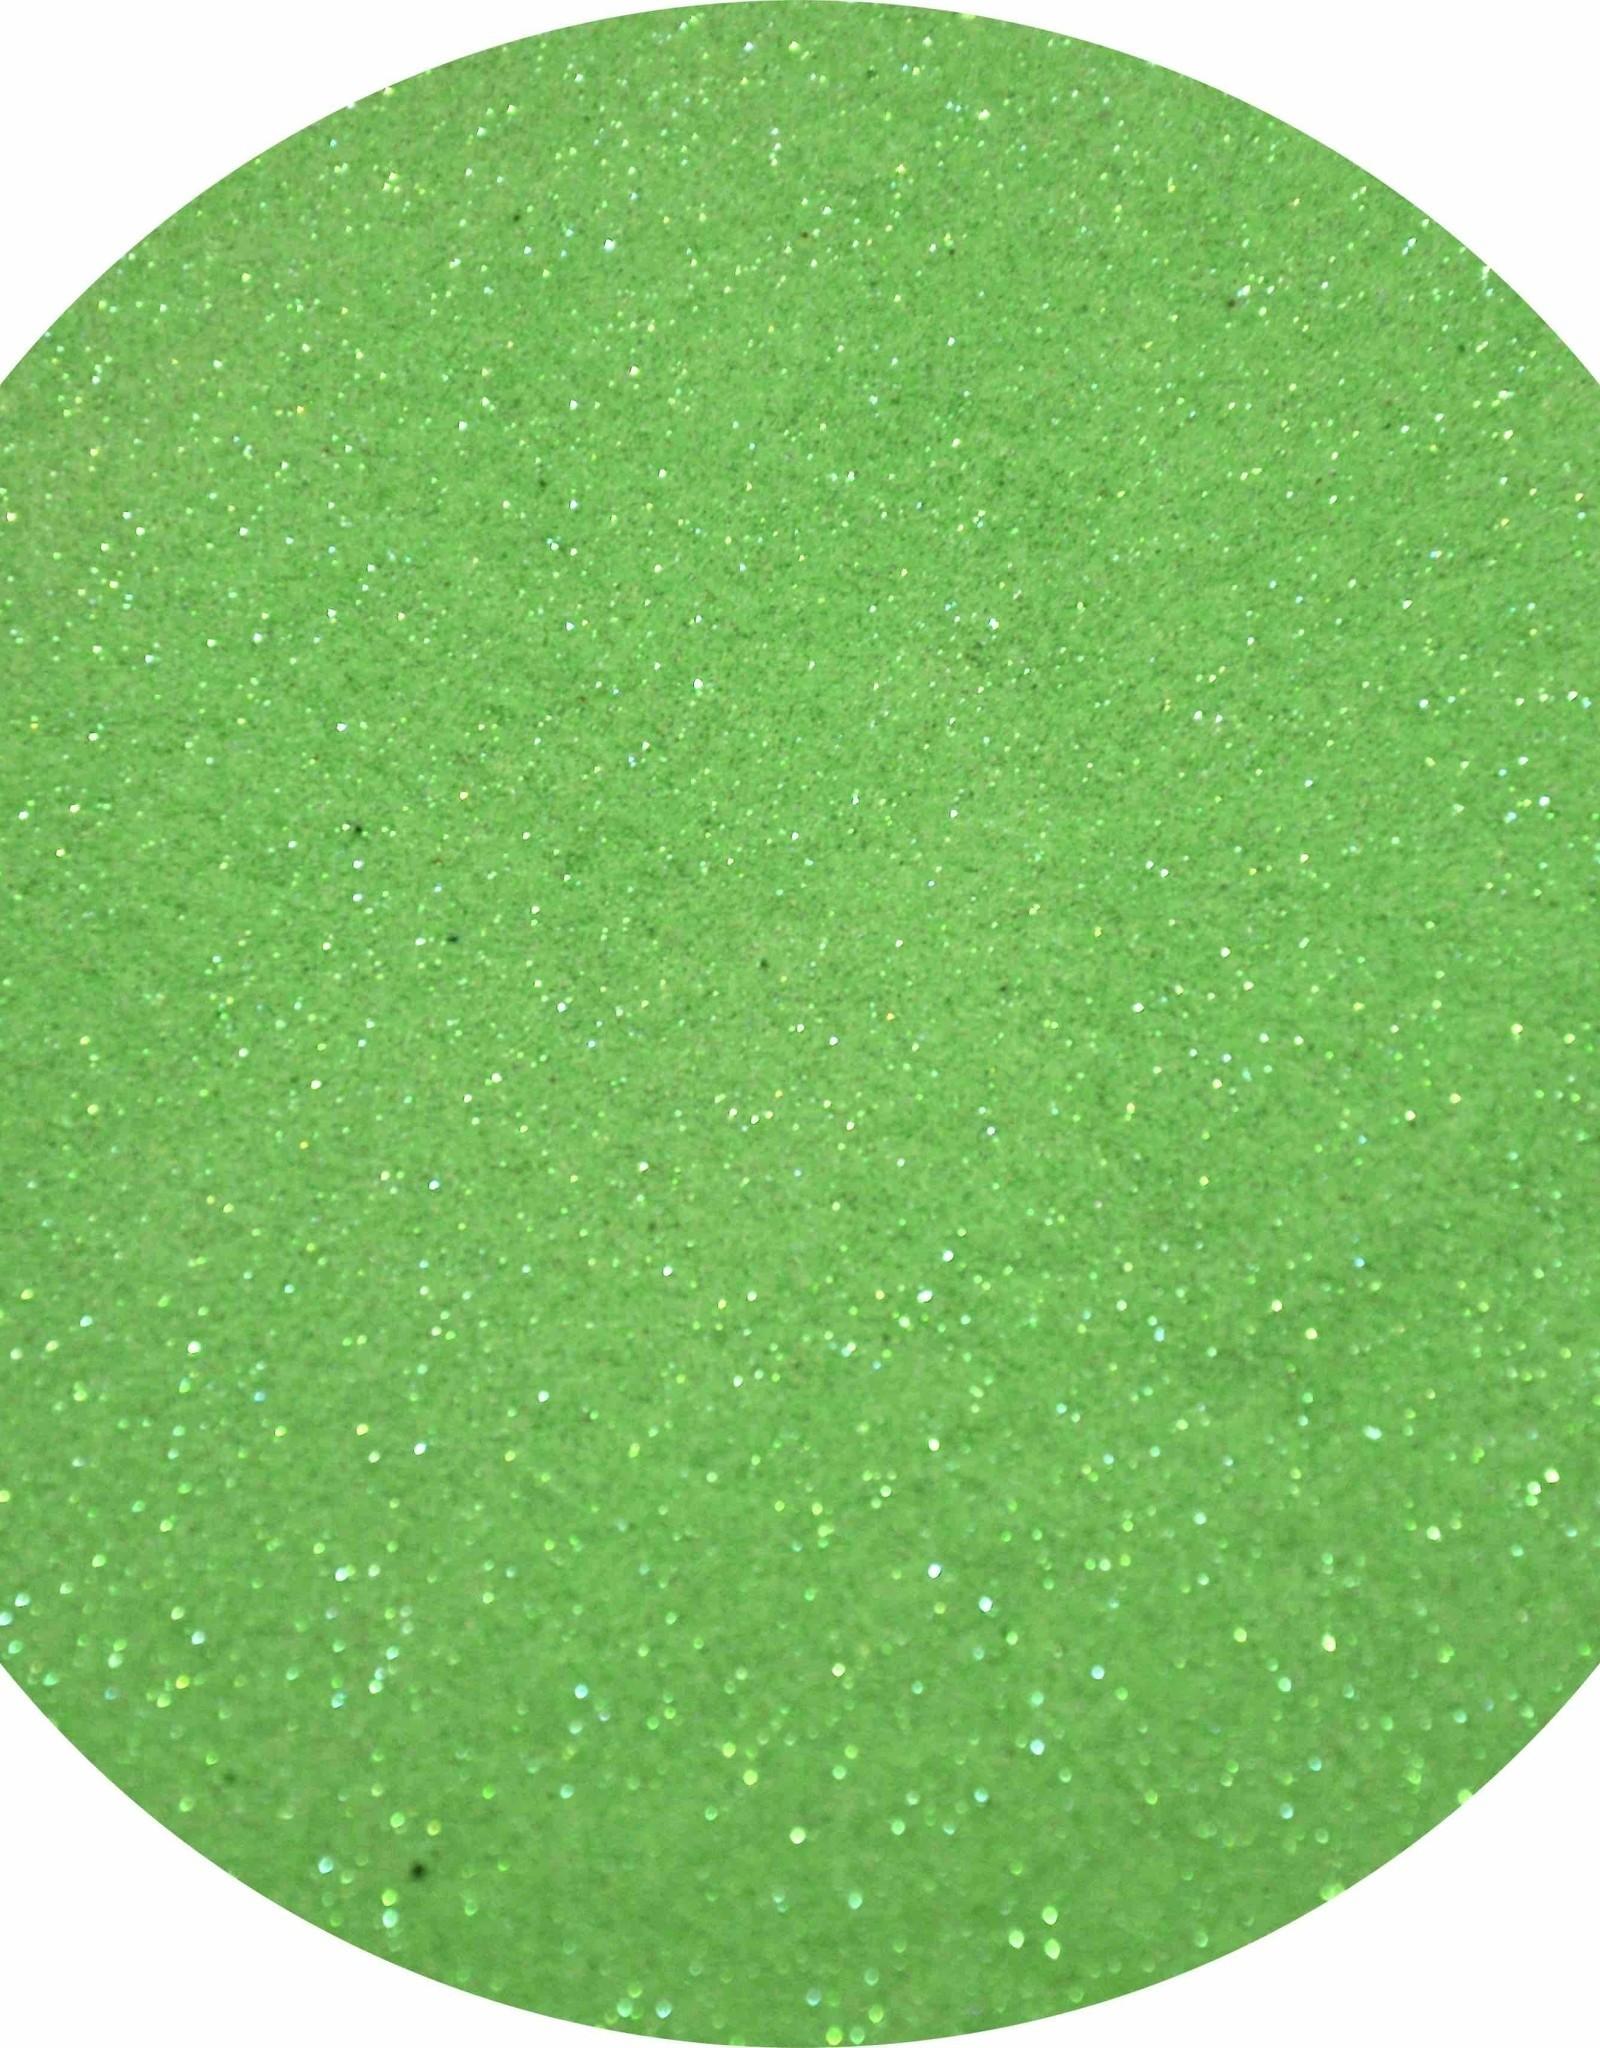 Urban Nails Glitter Dust 32